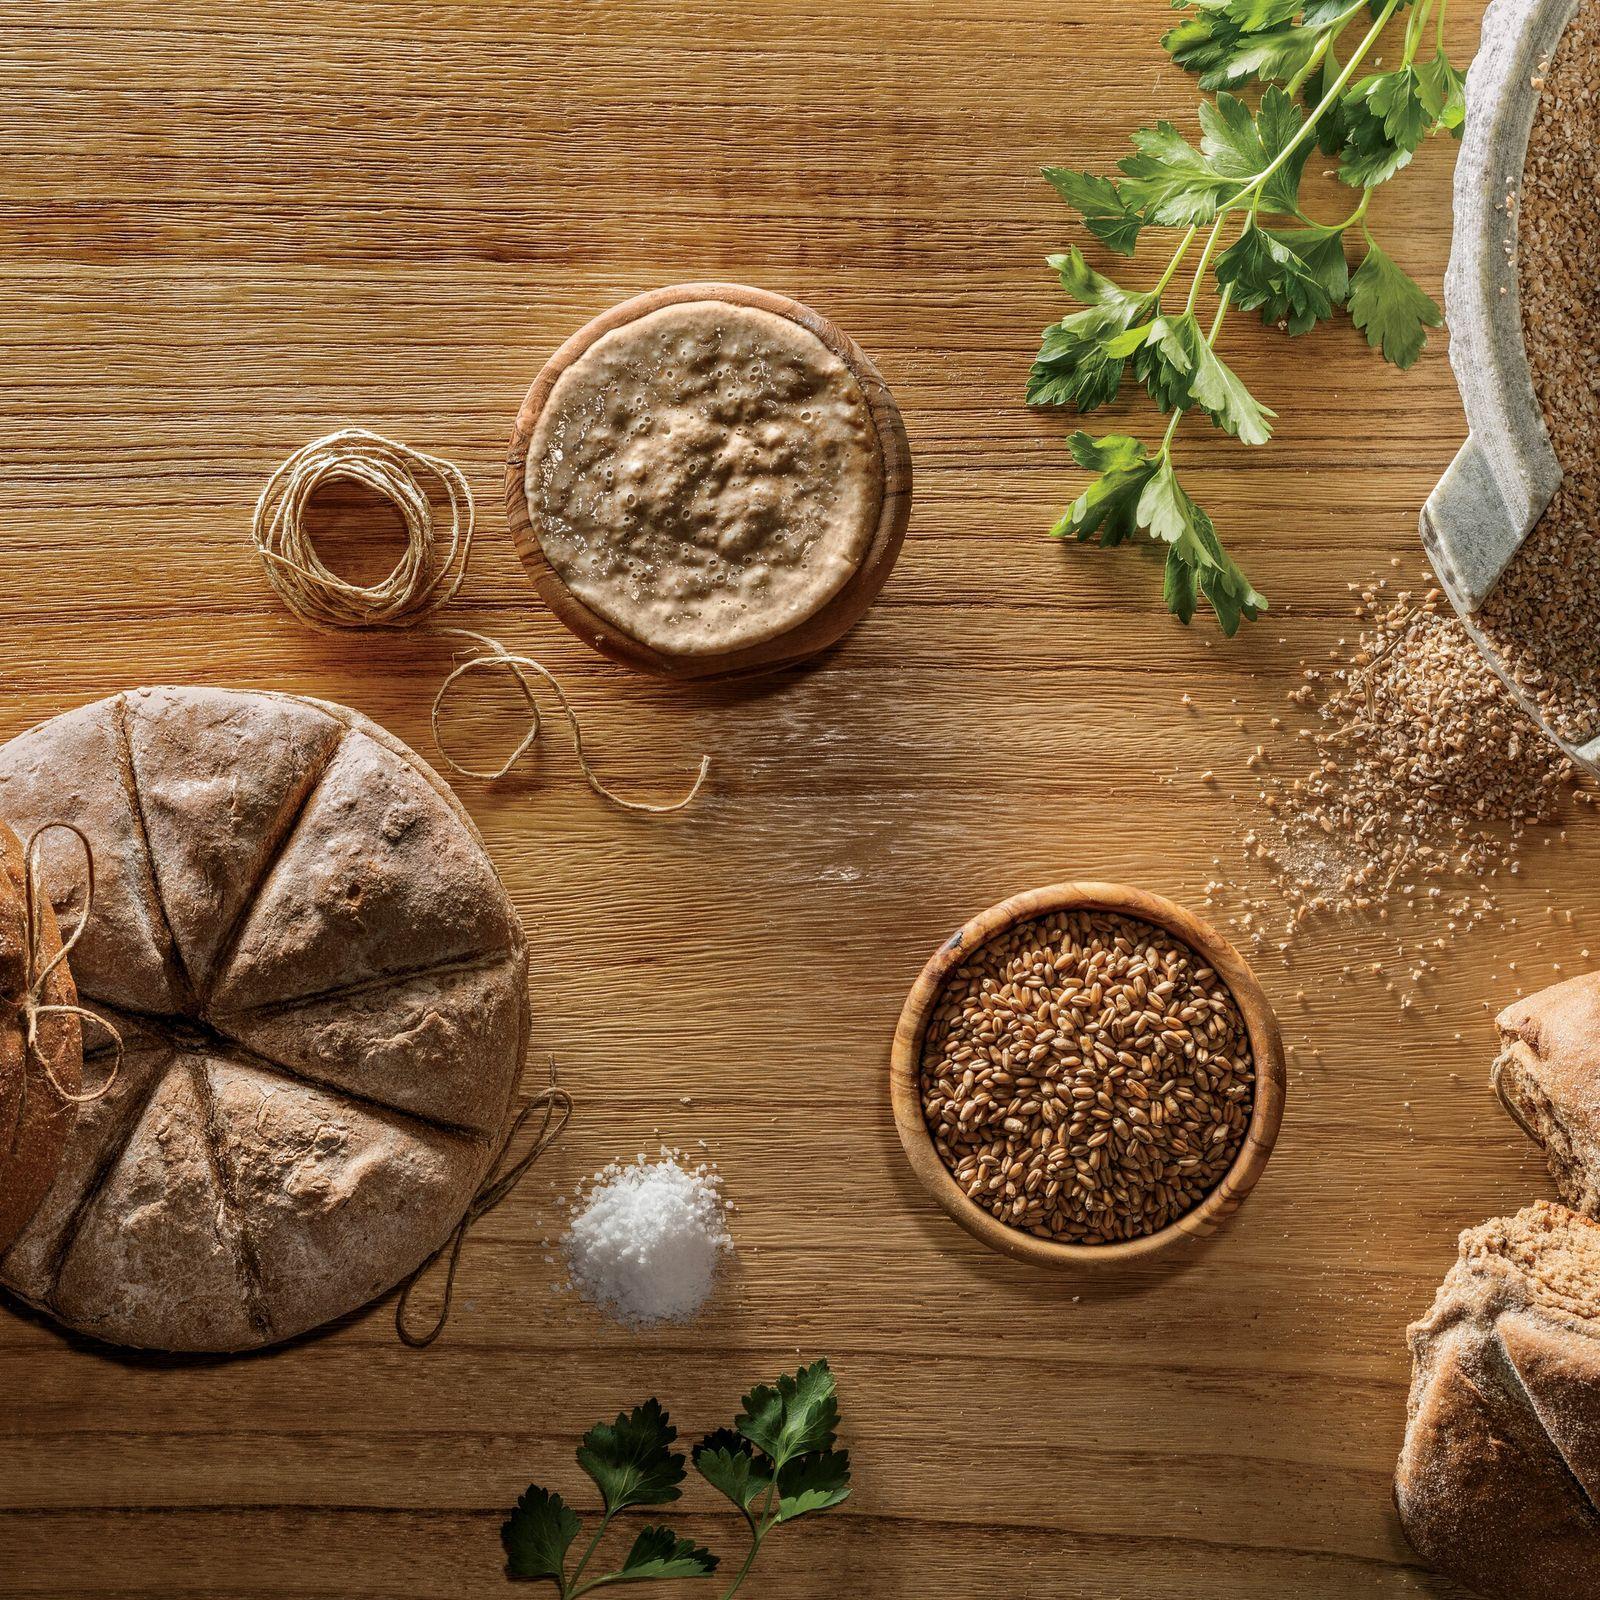 Bei Ausgrabungen in einer Bäckerei in Pompeji fanden Archäologen kohleähnliche Reste des bei den alten Römern beliebten panis ...